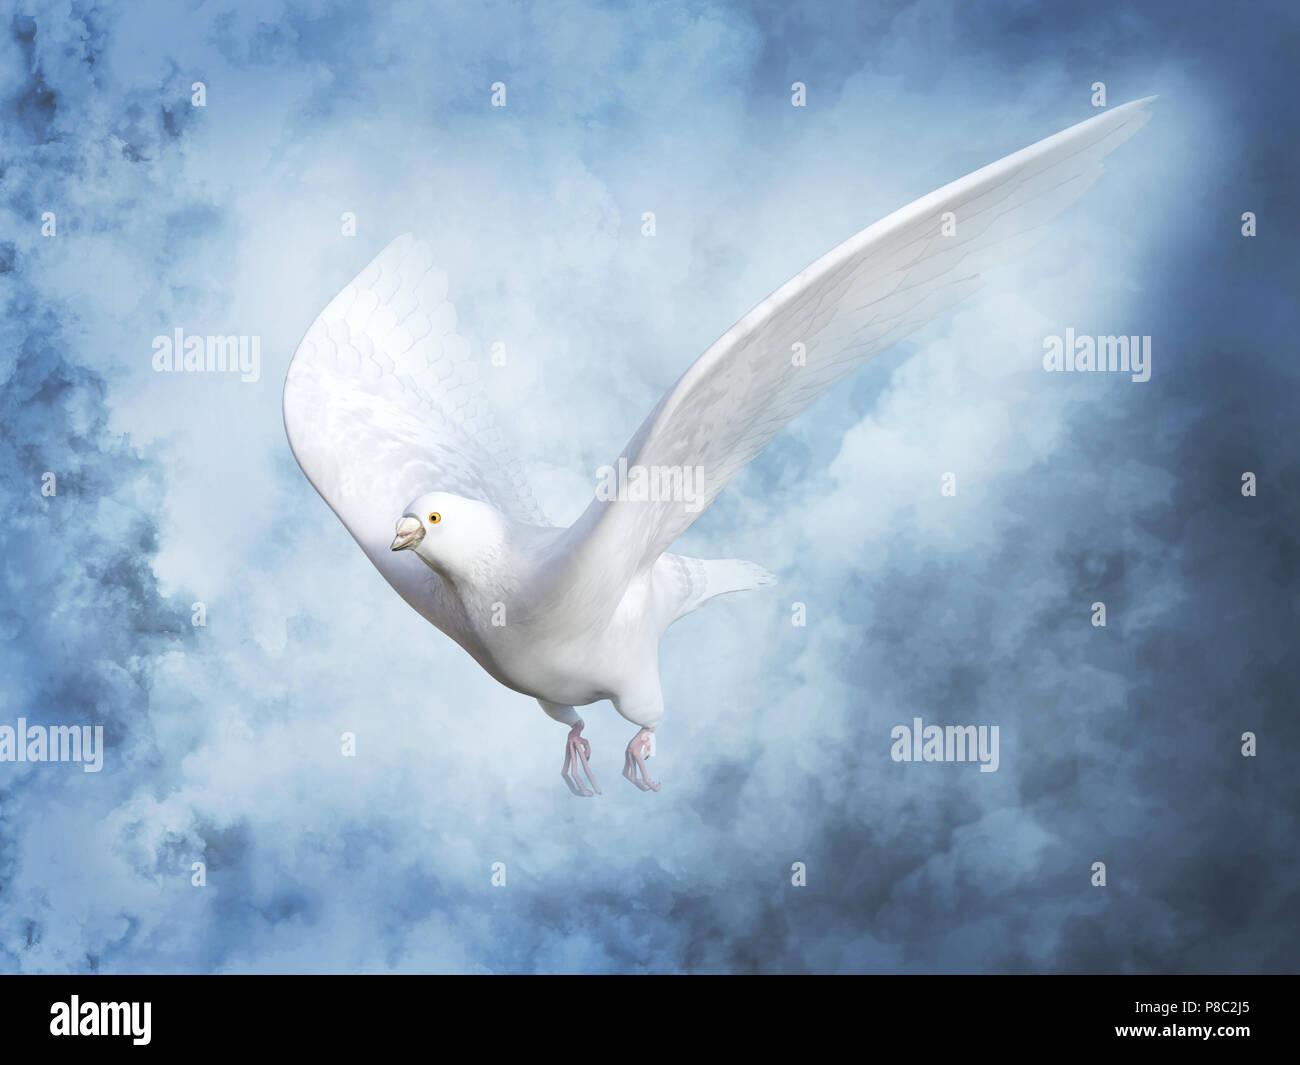 Le rendu 3D d'un pigeon blanc colombe de la paix ou de voler dans le ciel avec des nuages autour d'elle. Banque D'Images